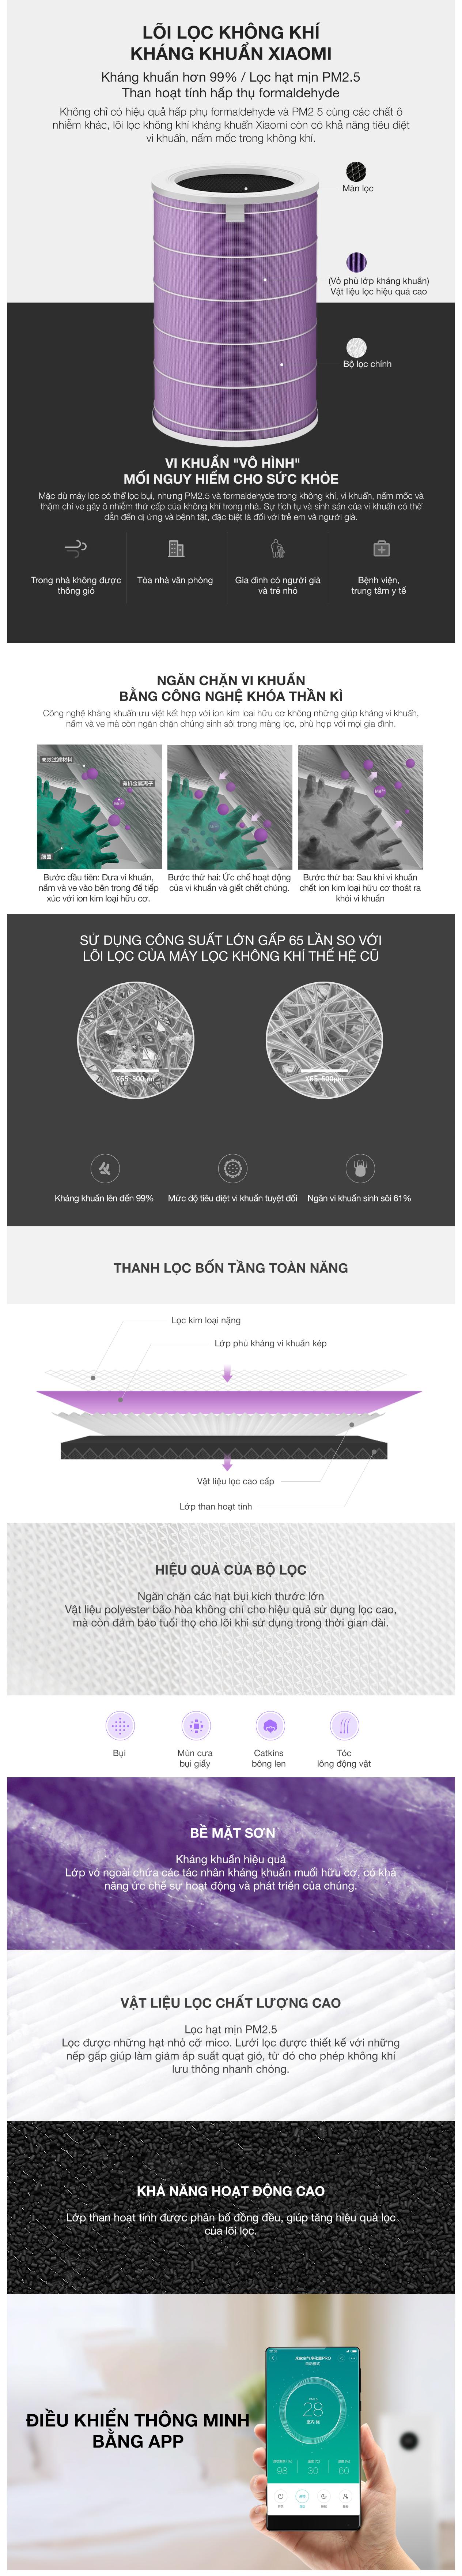 Lõi Lọc Diệt Khuẩn Cho Máy Lọc Không Khí Xiaomi - Hàng Chính Hãng